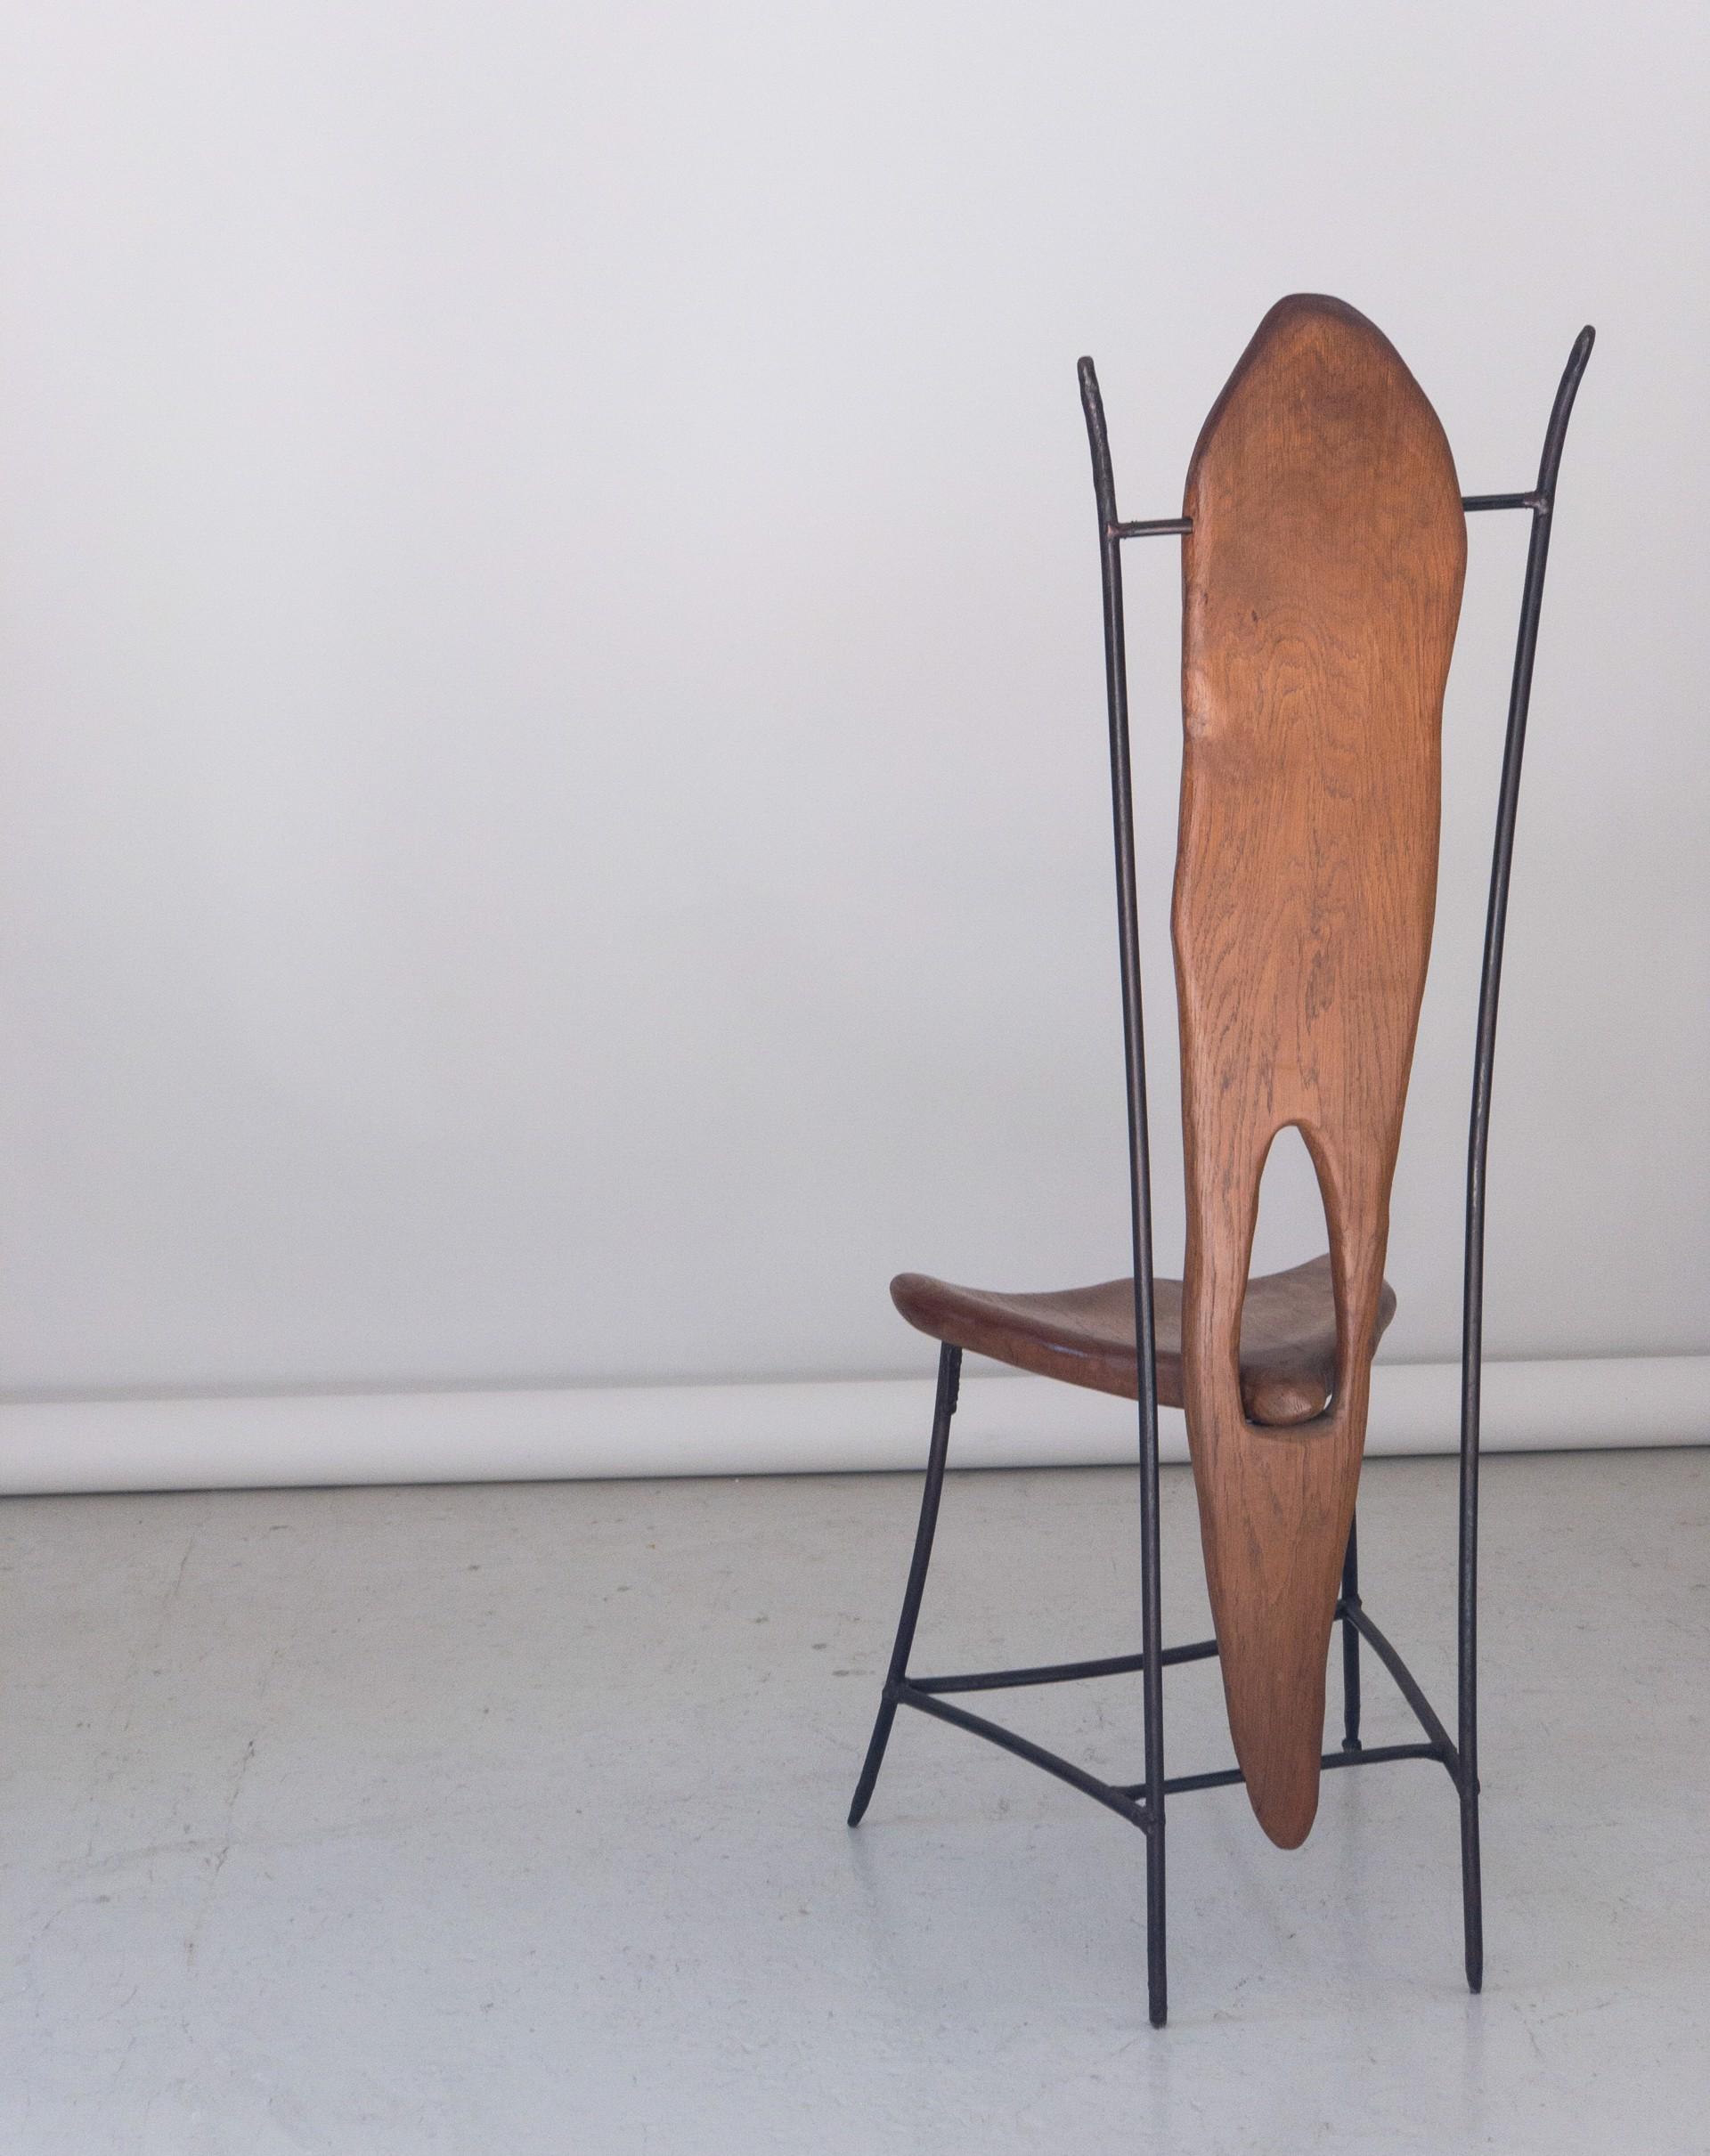 Unique chair #2 by Jacques Jarrige